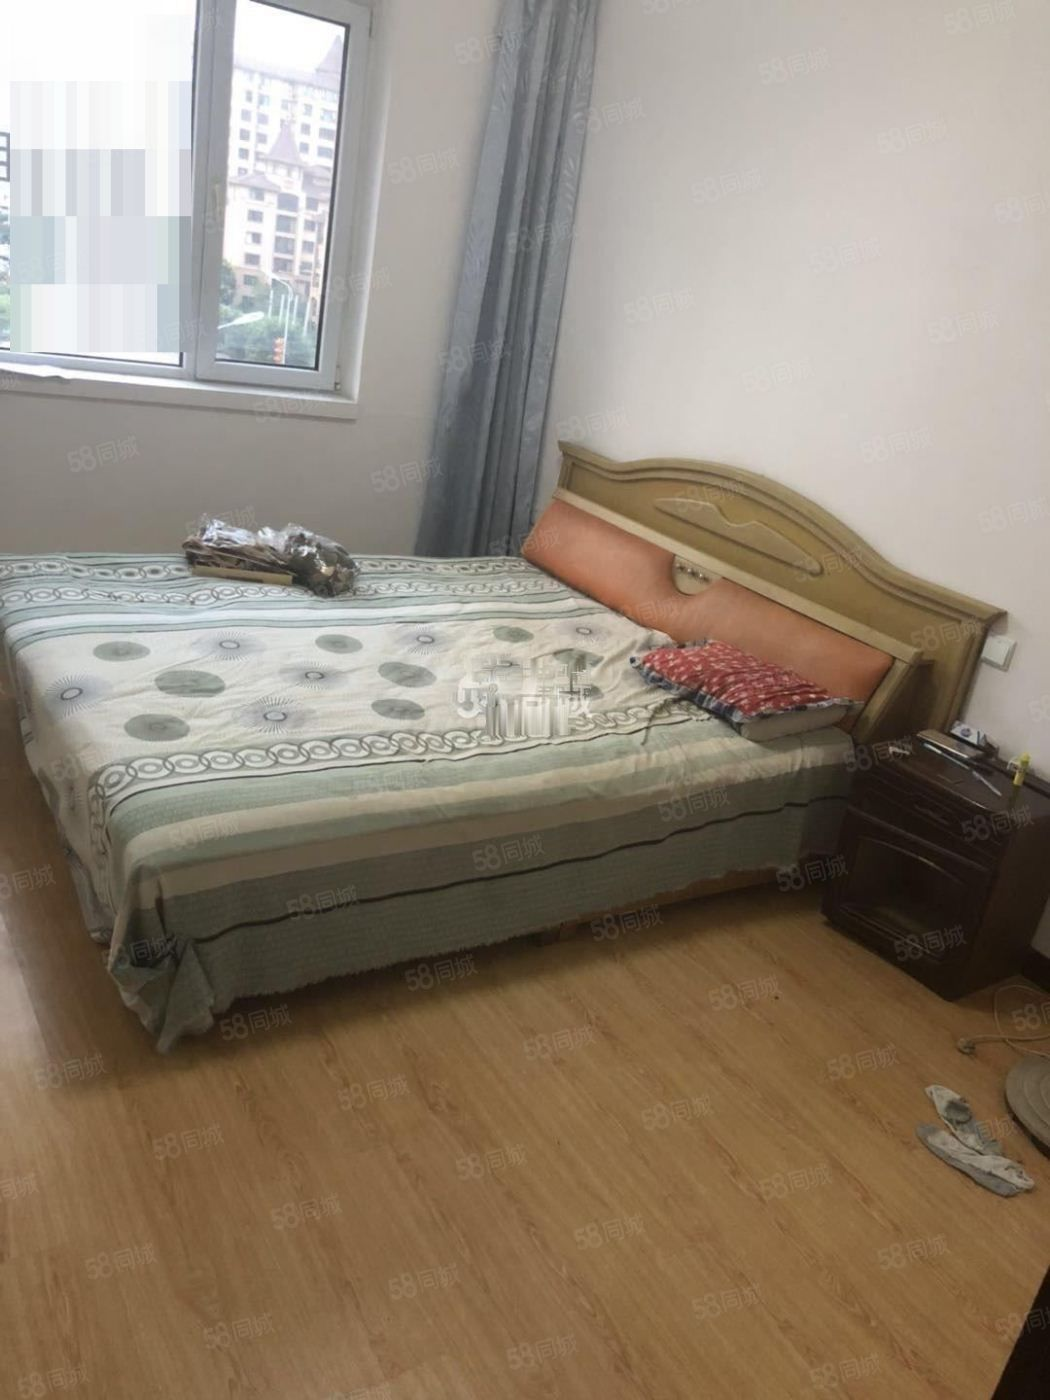 齐安雅居2室1厅1卫5楼简单装修,年租拎包入住